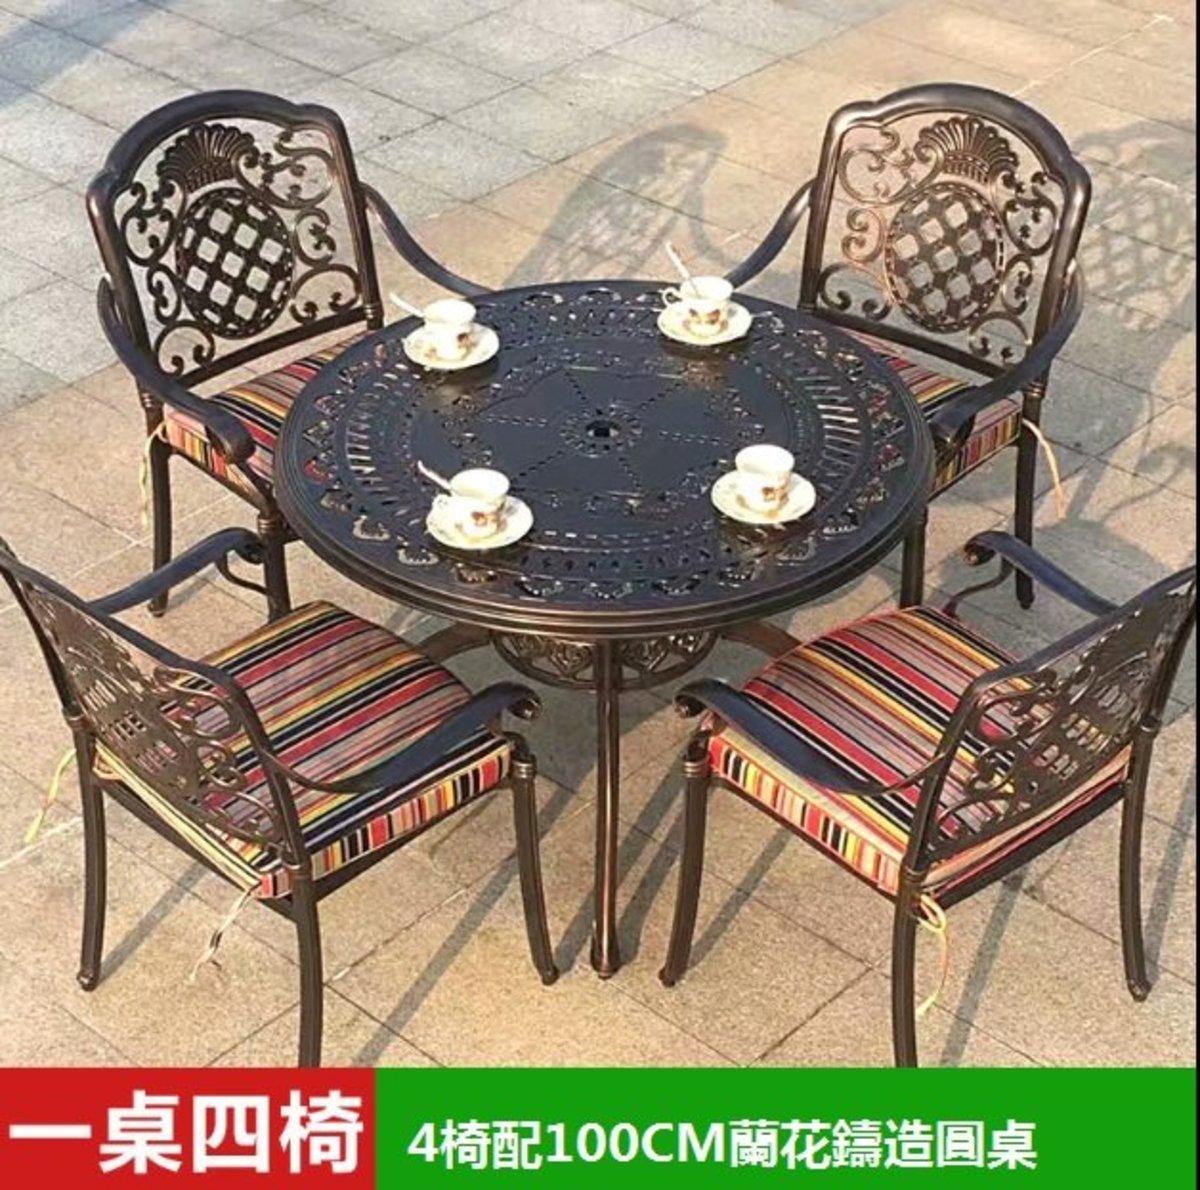 咖啡廳燒烤火鍋長桌(4號:4椅配100CM蘭花鑄造圓桌)